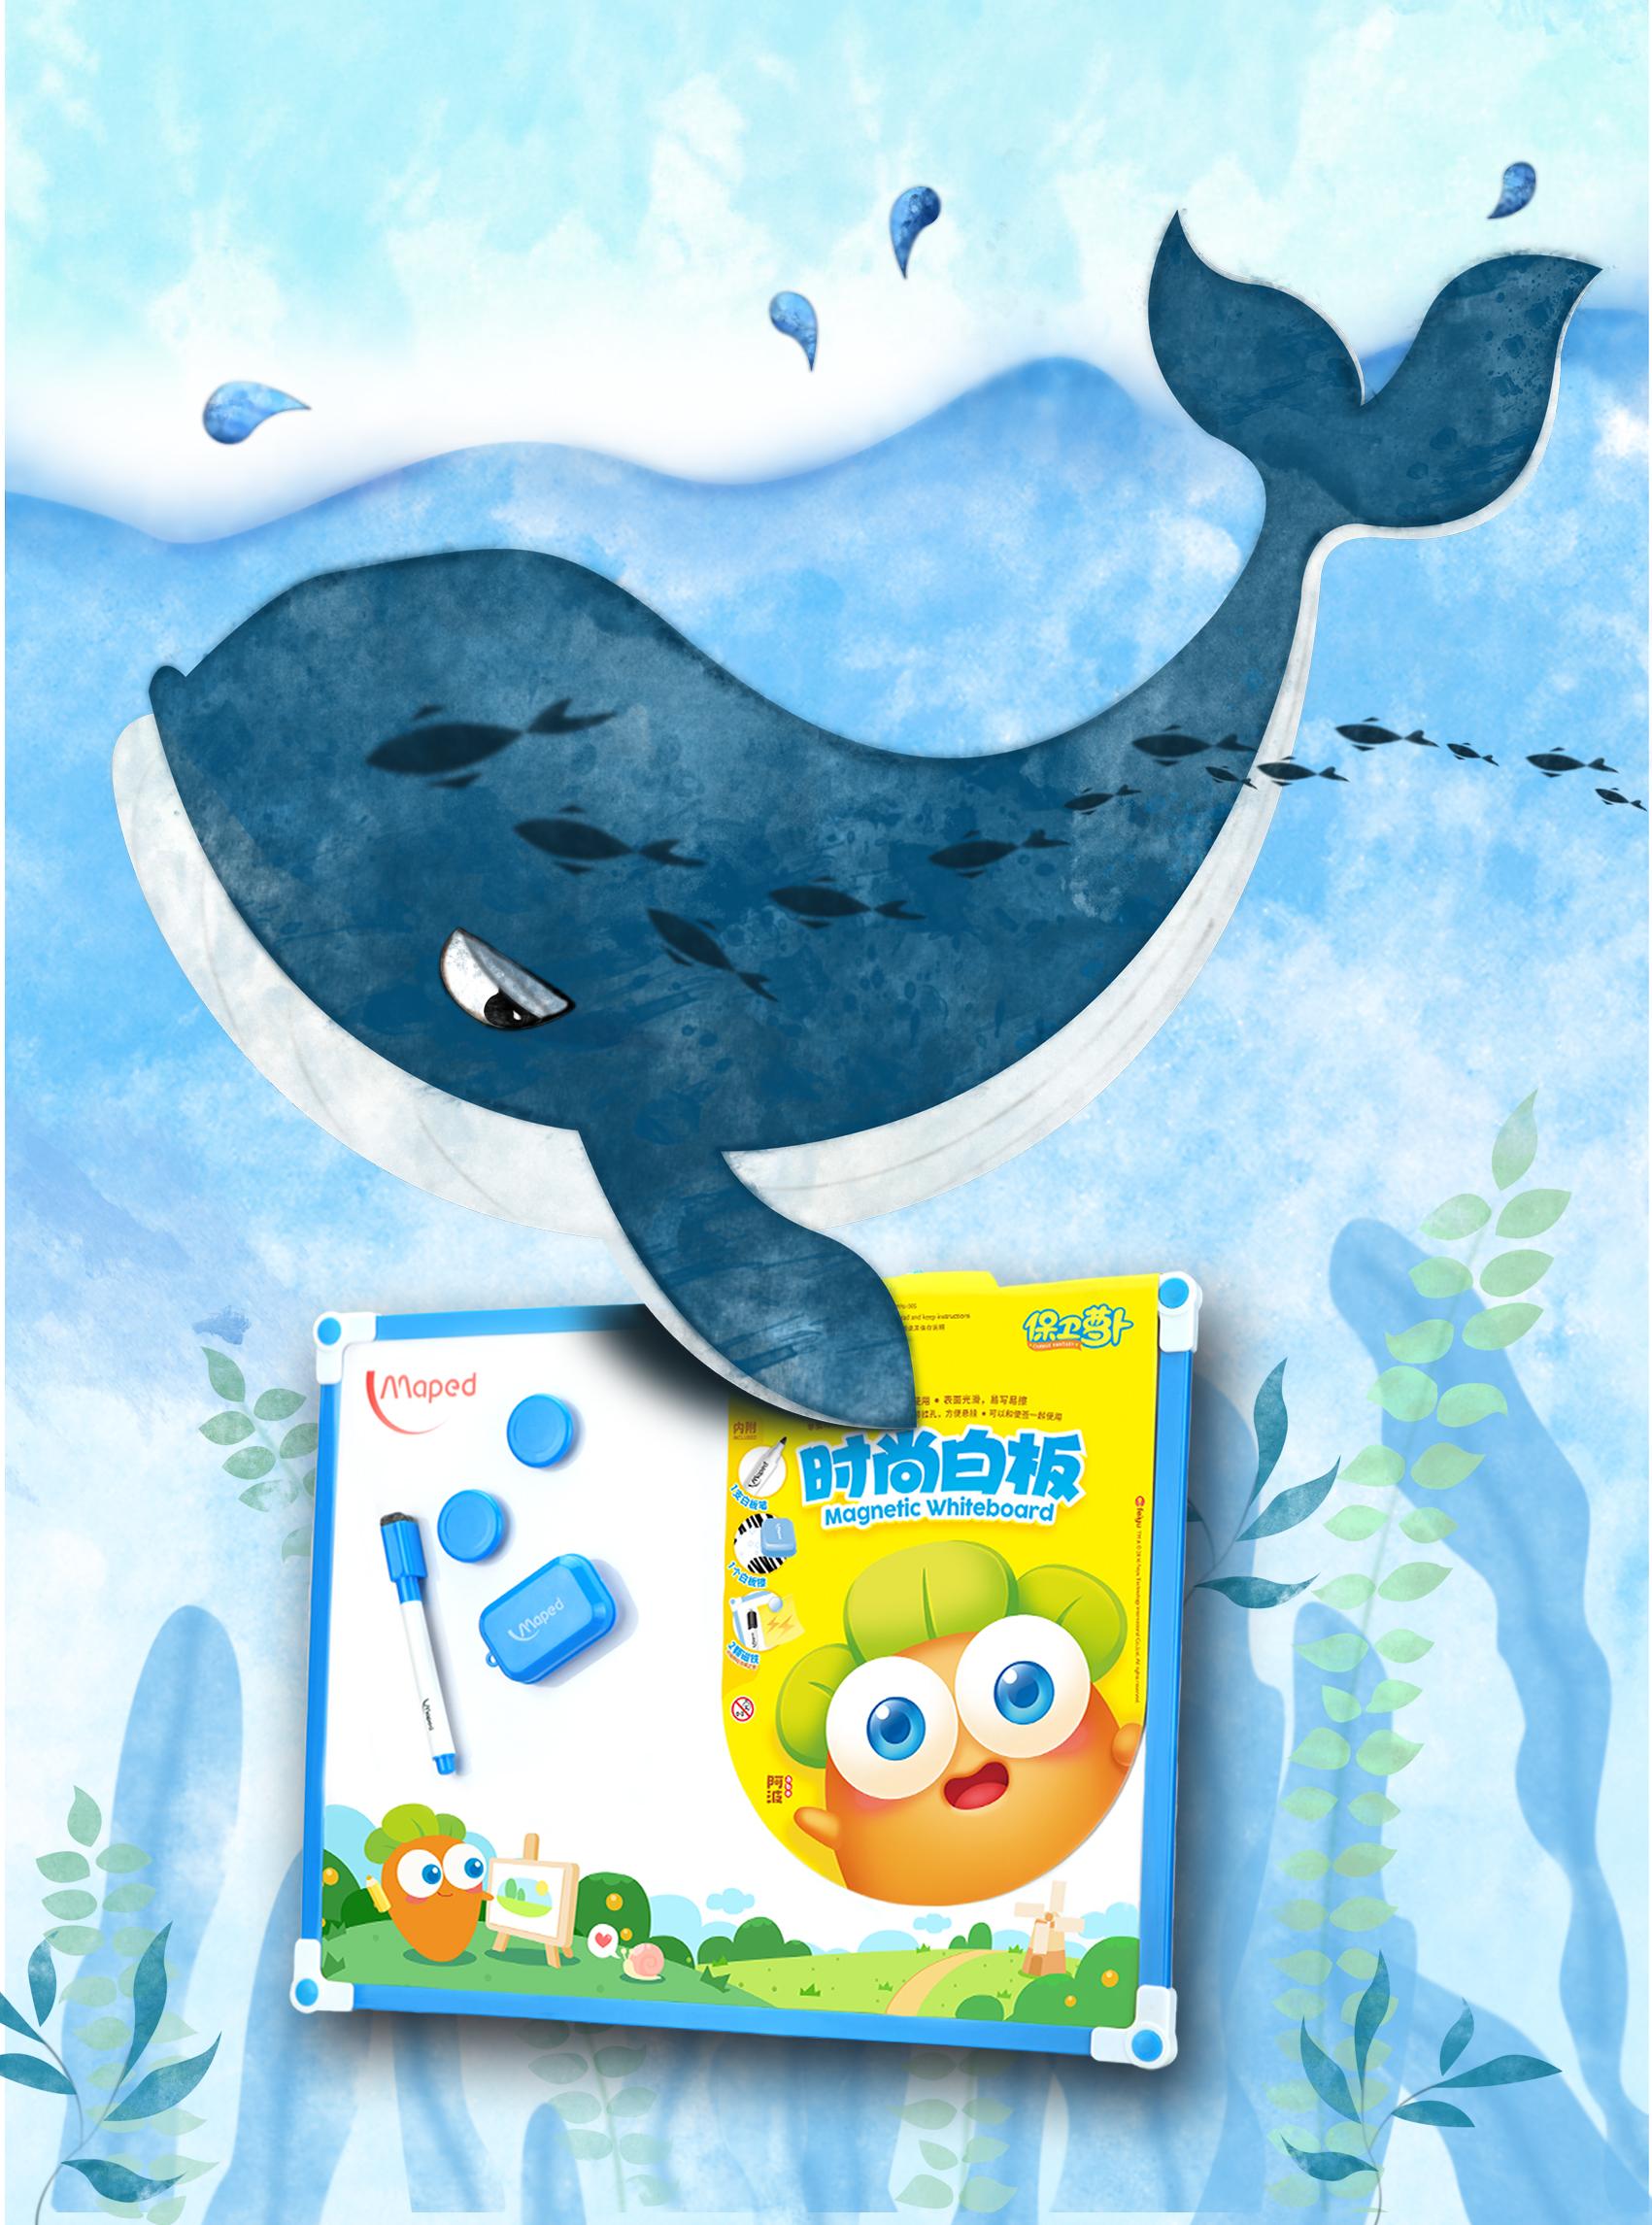 以前看过牛人手绘的鲸鱼,超可爱超萌,所以